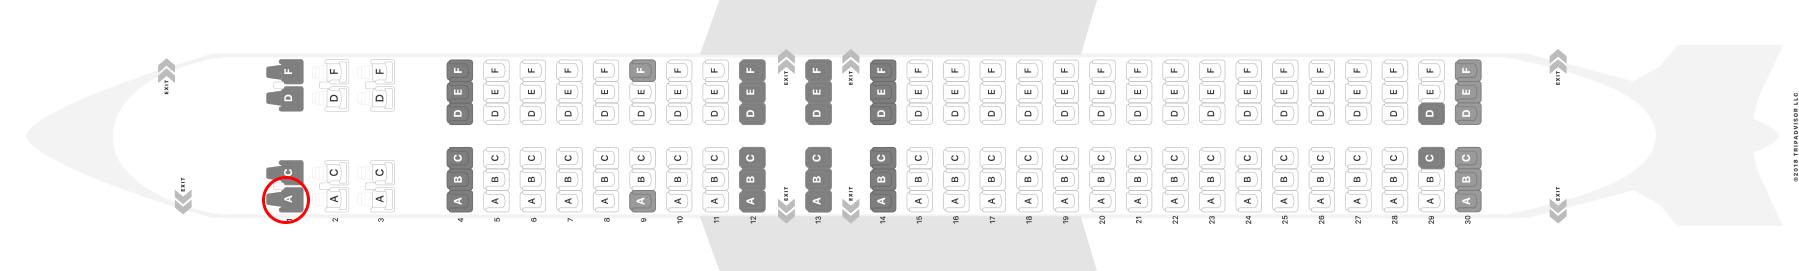 Qantas 737-800 seat map